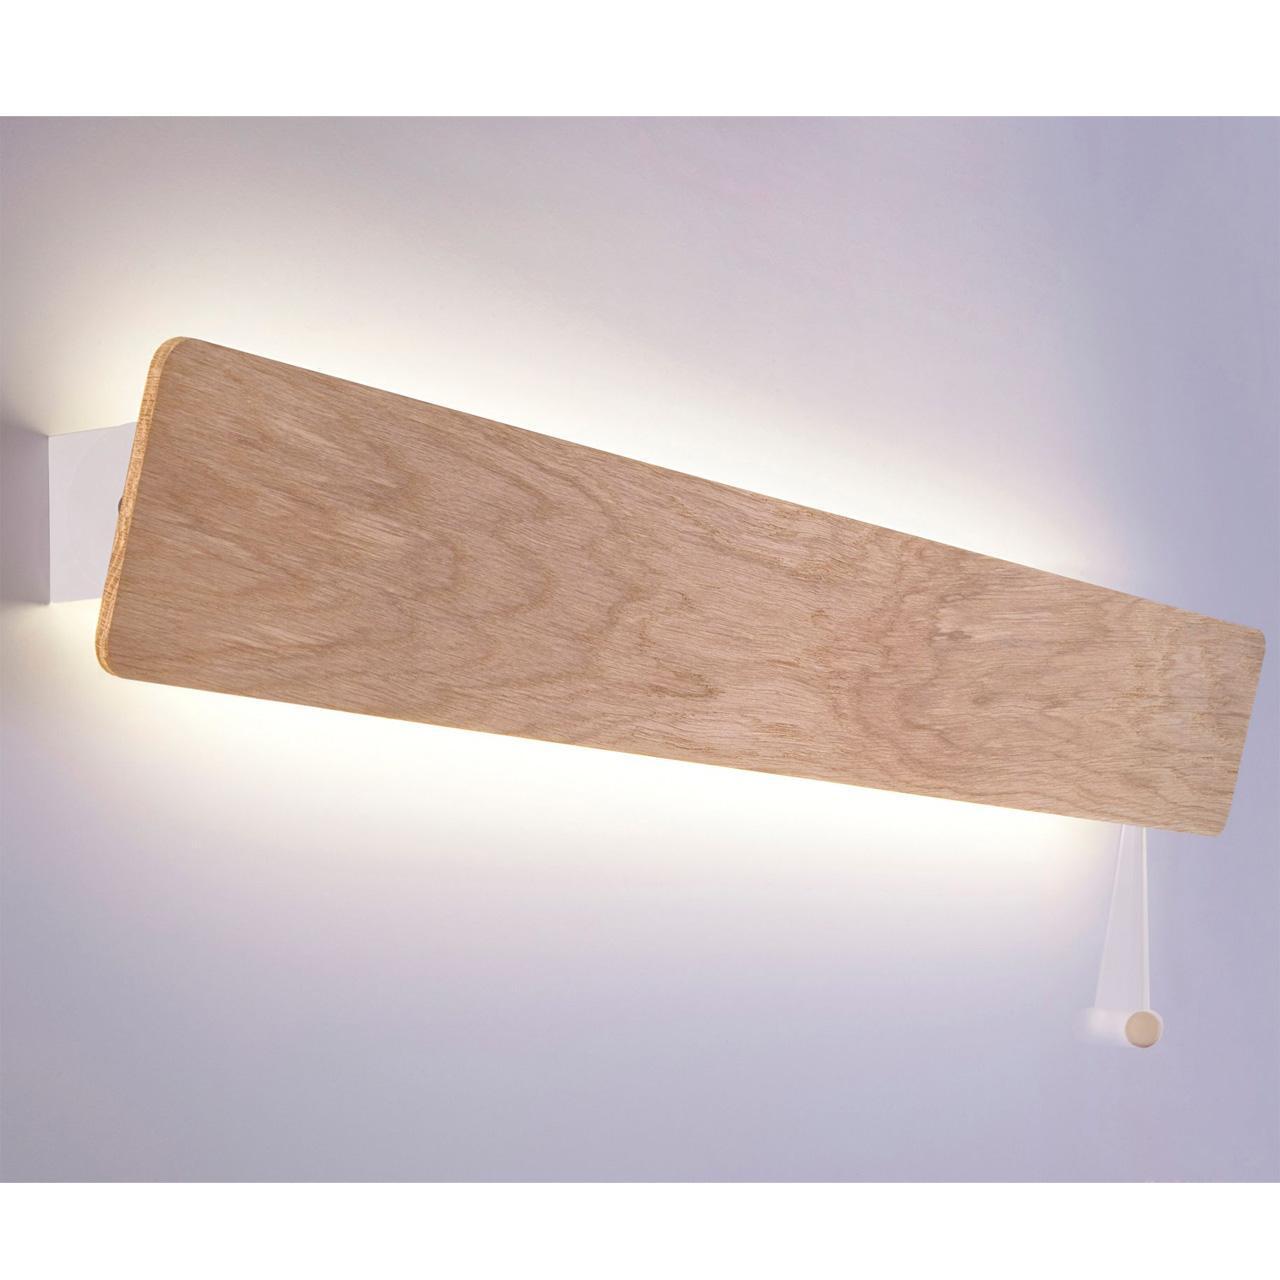 Настенный светодиодный светильник Nowodvorski Oslo 9634 настенный светодиодный светильник nowodvorski gess led 6912